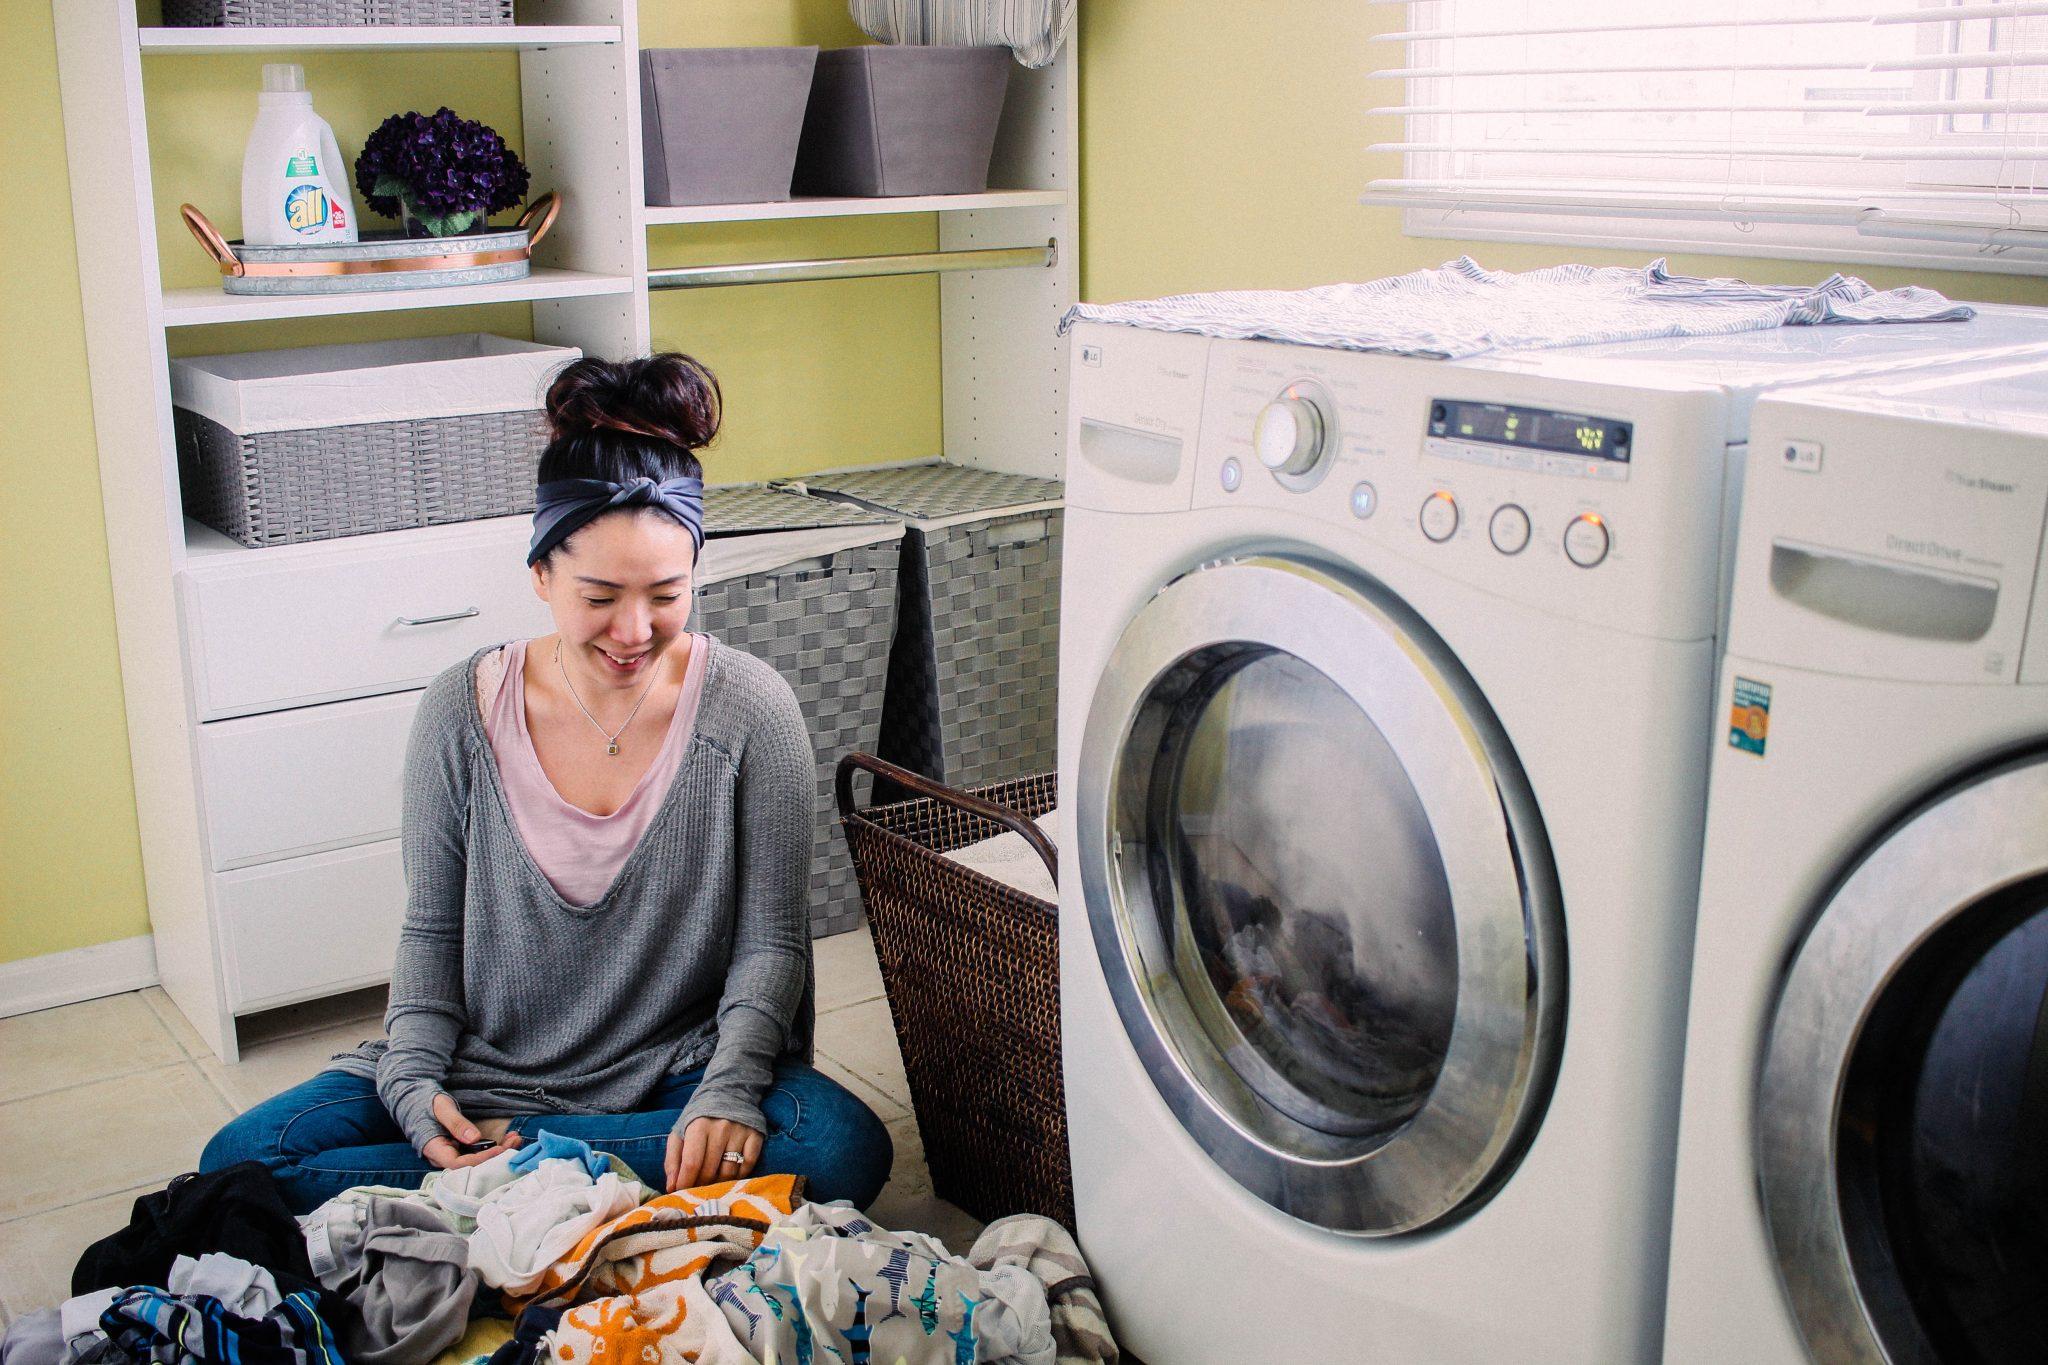 Laundry Tips for Sensitive Skin